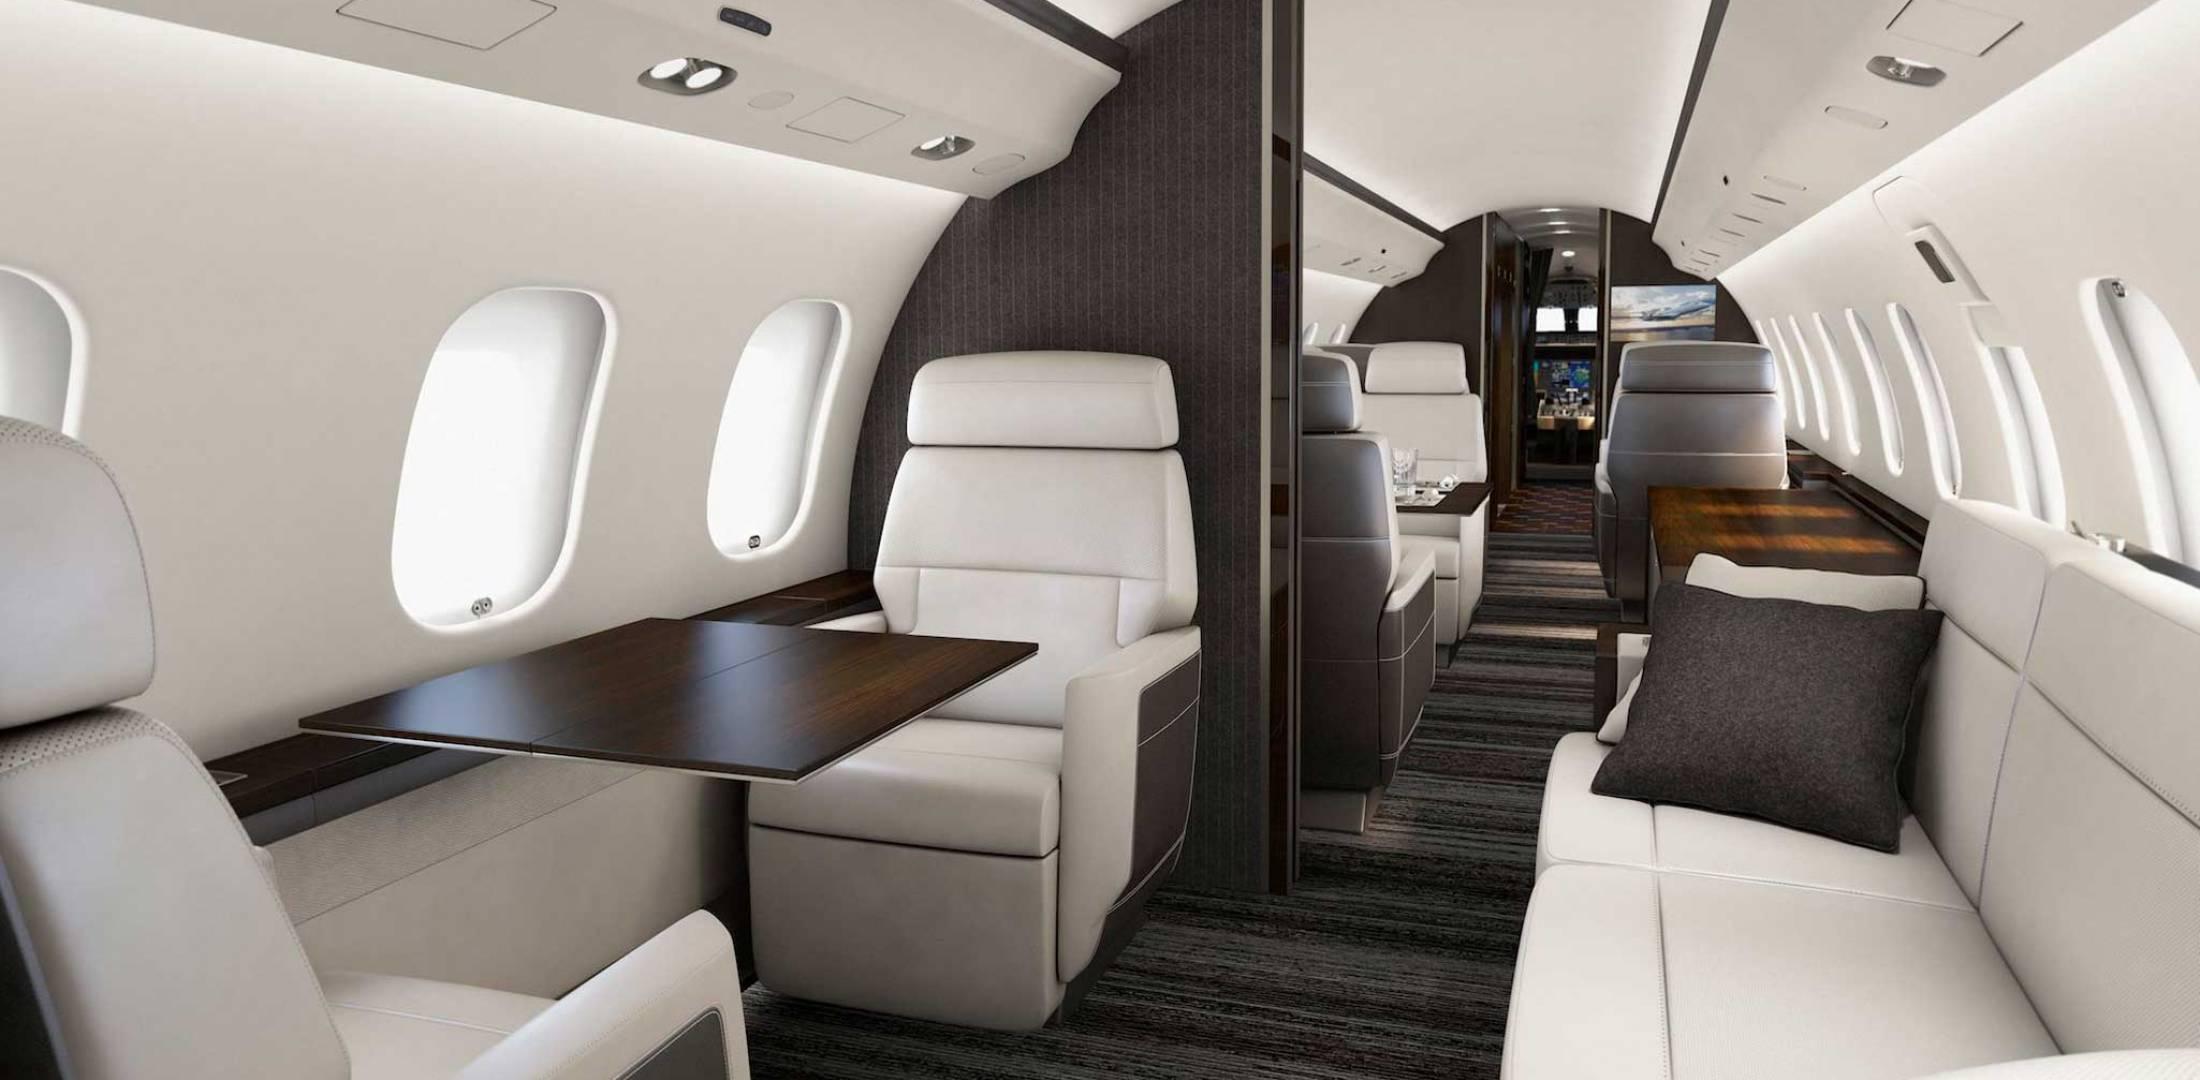 С четырьмя зонами салона самолет Global 7000 уникален среди бизнес-джетов по параметрам просторности, роскоши, комфорта и гибкости дизайна